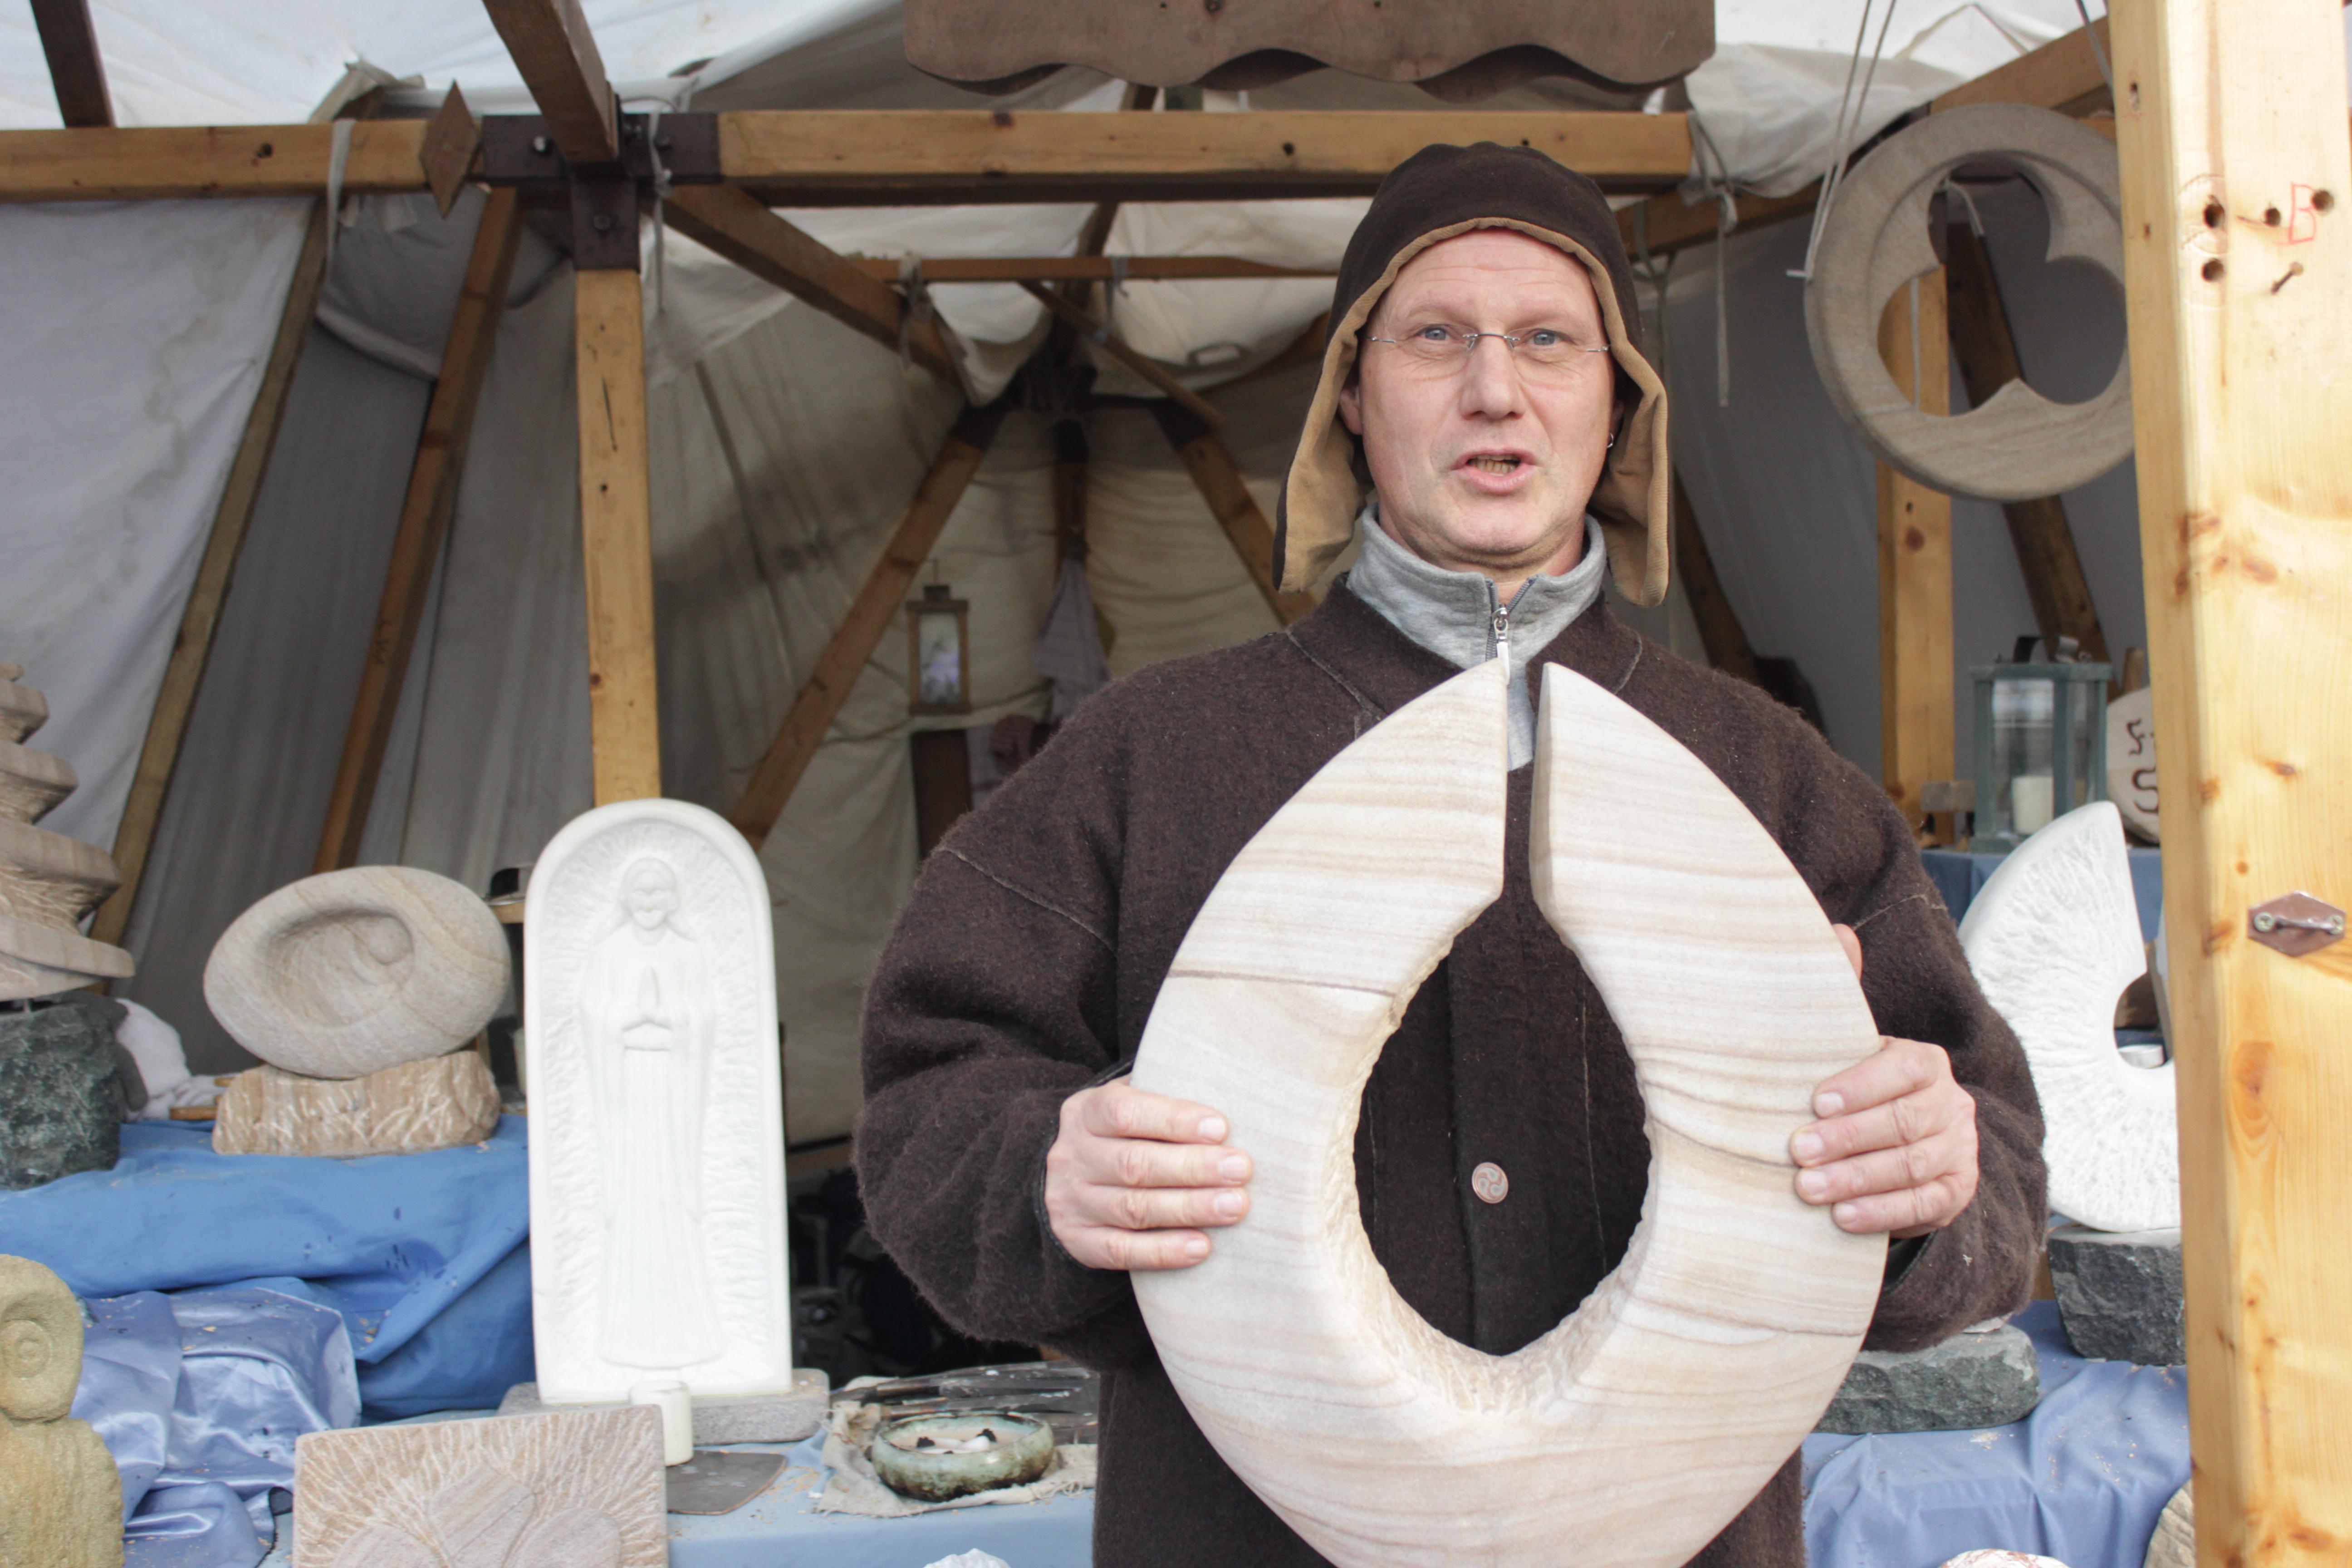 Der Verkäufer, Harald Dahmen, hält einen seiner selbst angefertigten Werkstücke aus Sandstein vor seinem Stand in der Hand.